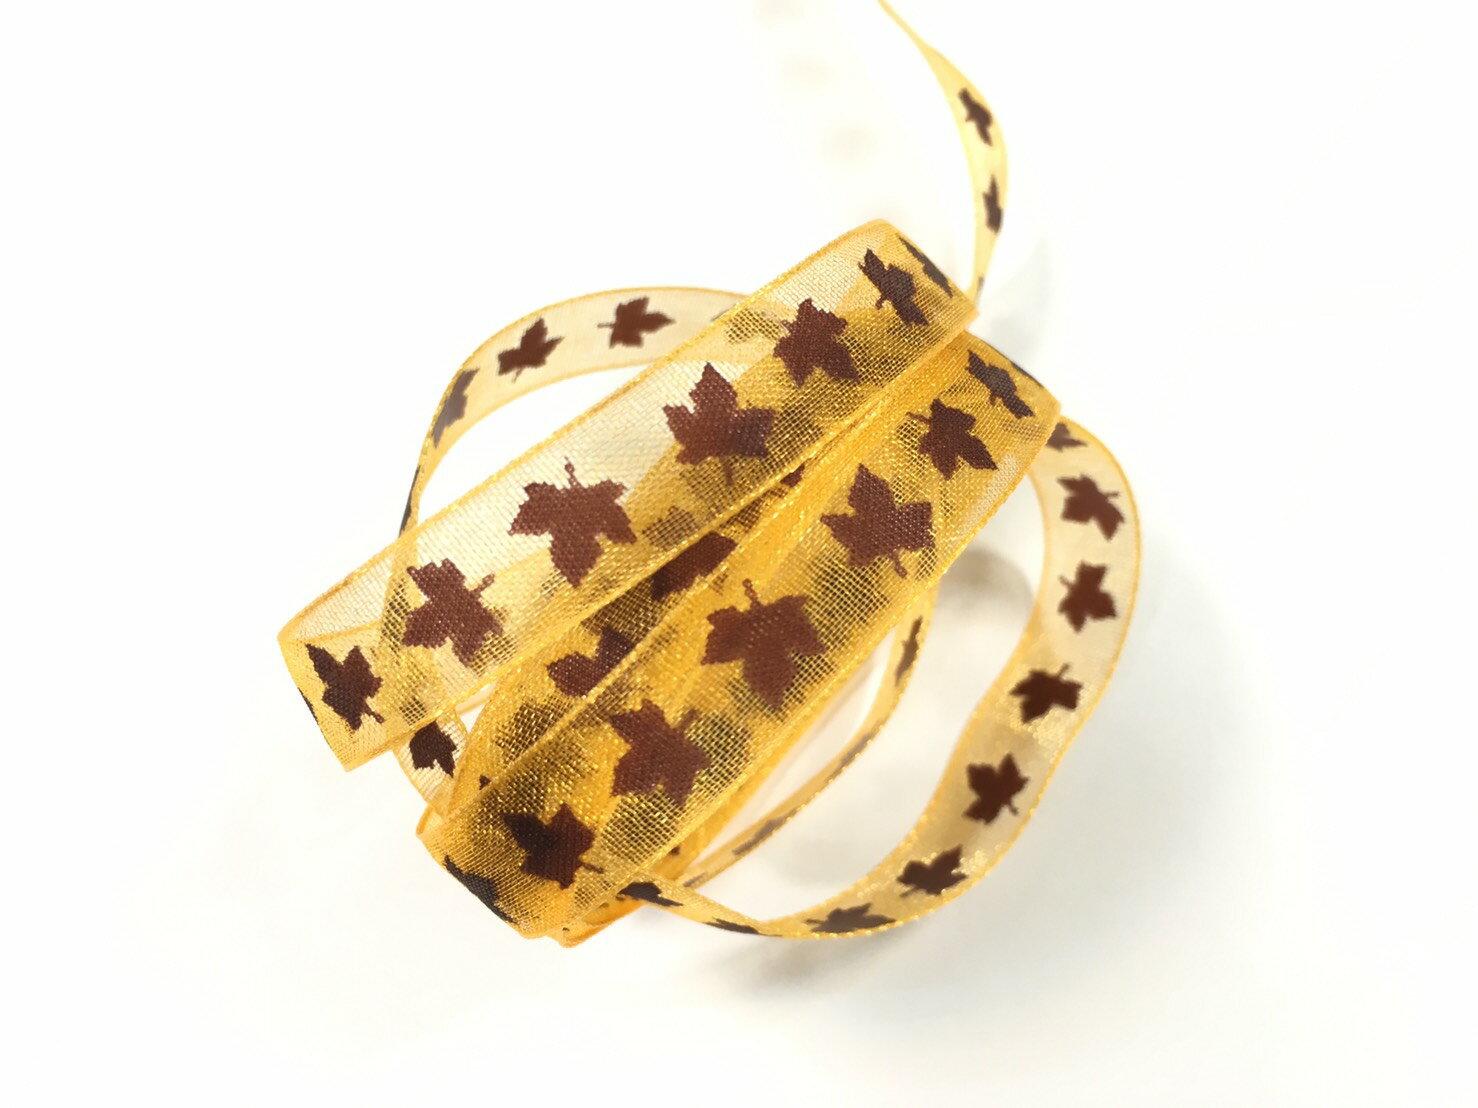 網紗秋楓緞帶 10mm 3碼裝(3色) 2